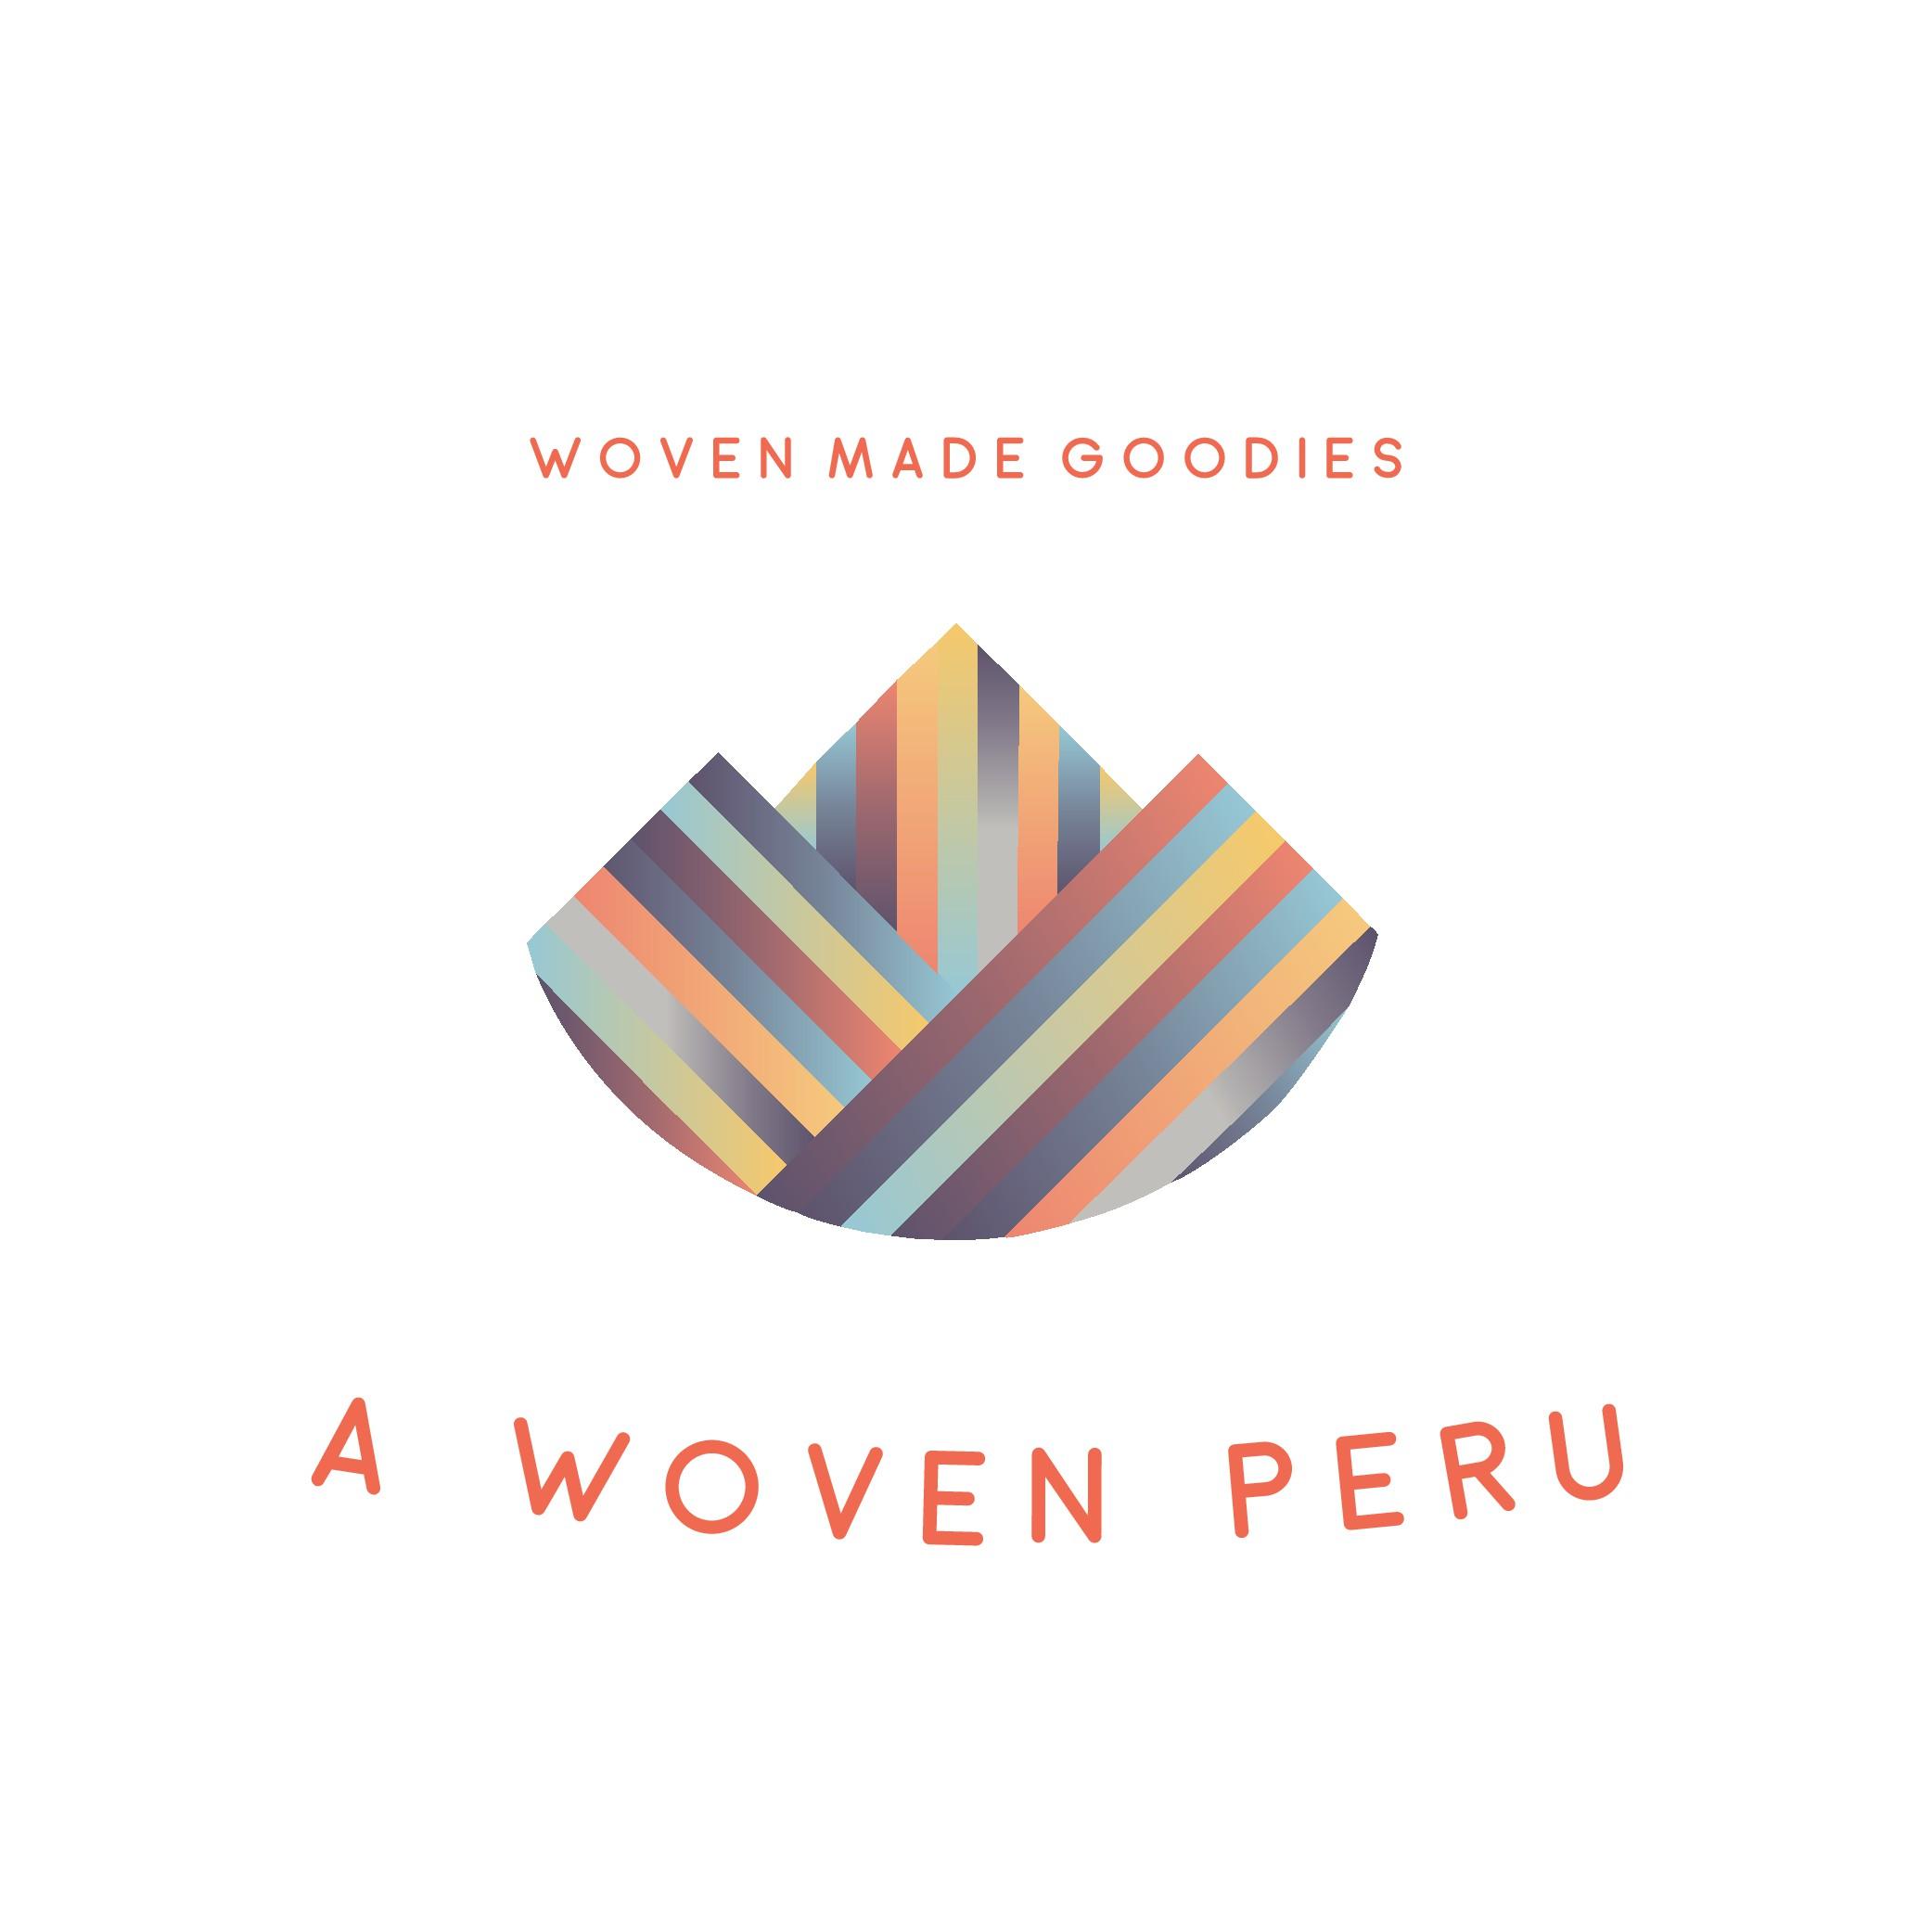 Peruvian Home Decor Website needs a creative new logo